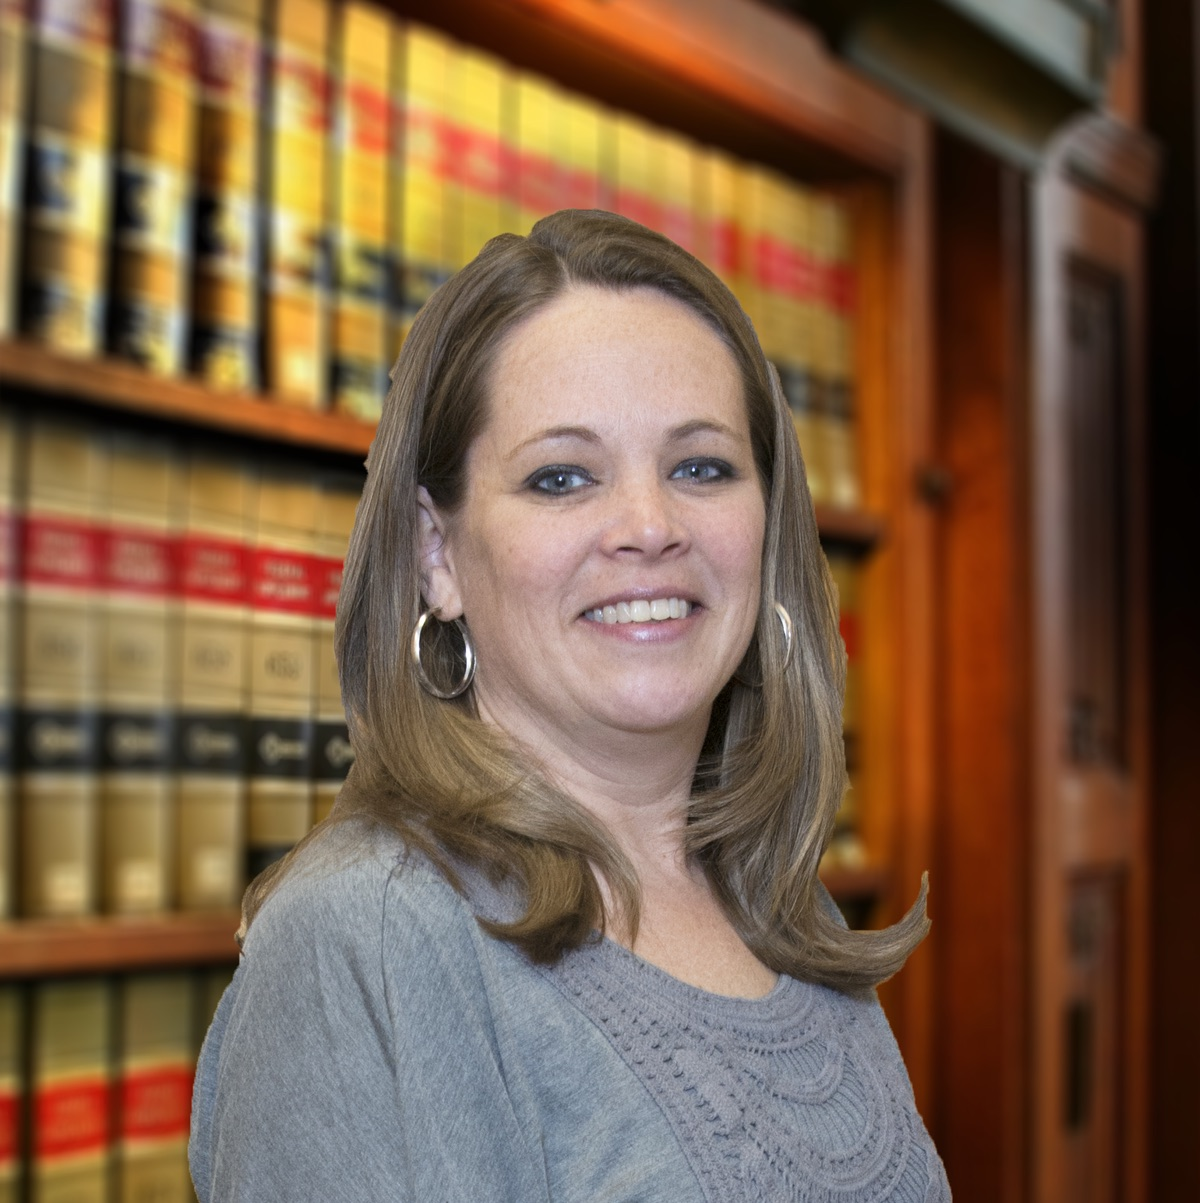 St Cloud Attorneys Staff at Jeddeloh Snyder PA - Janet Krogstad